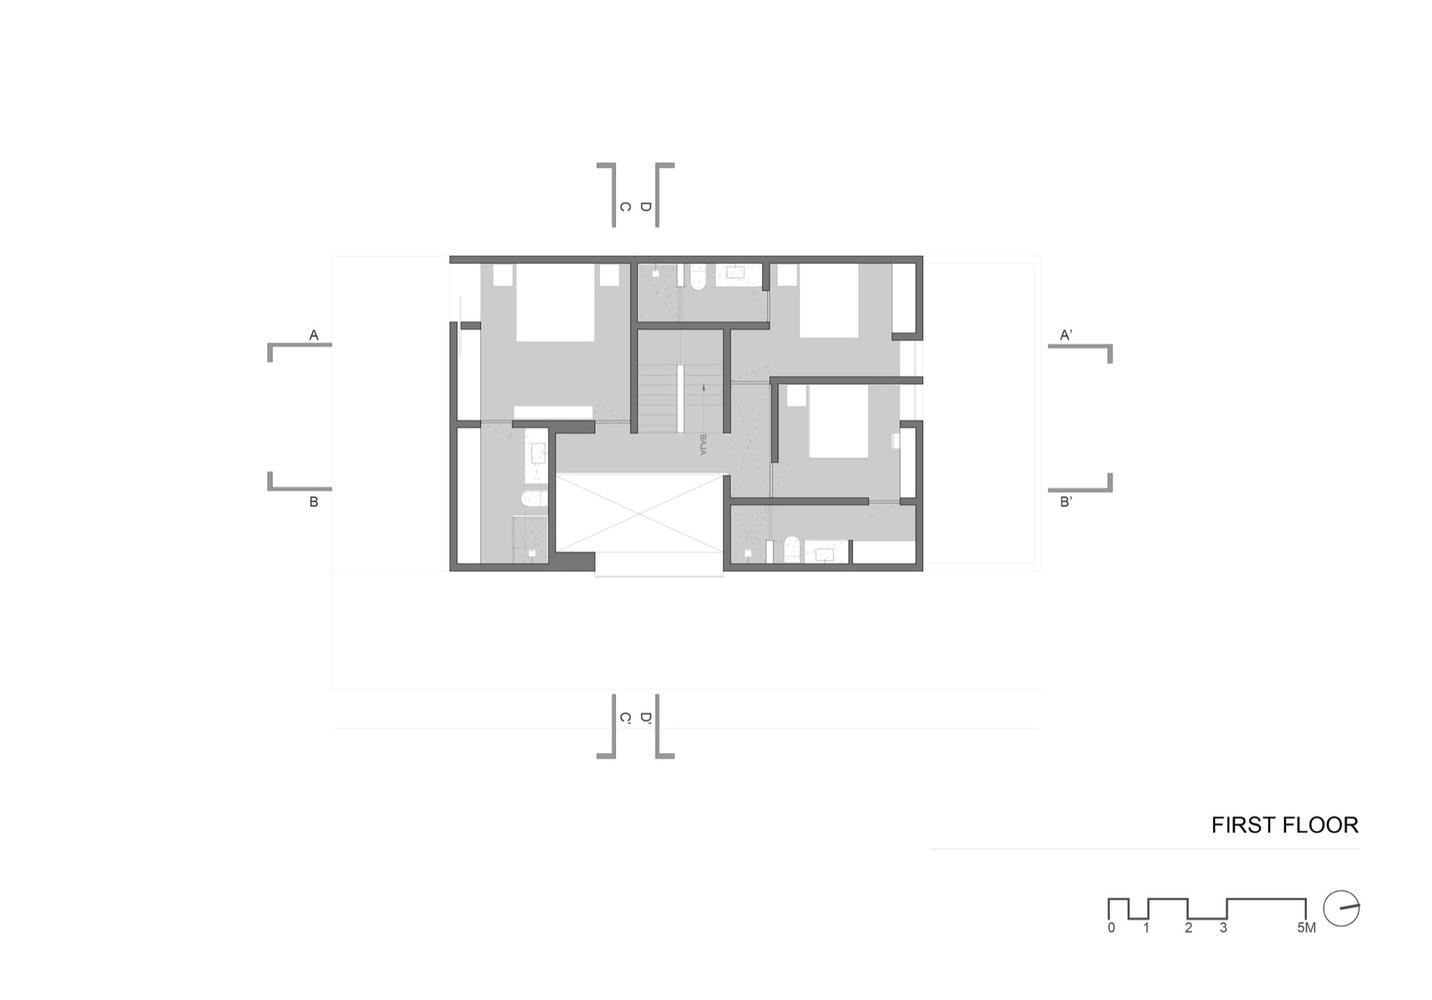 Mẫu thiết kế nhà phố 2 tầng đẹp mang đậm chất Tây